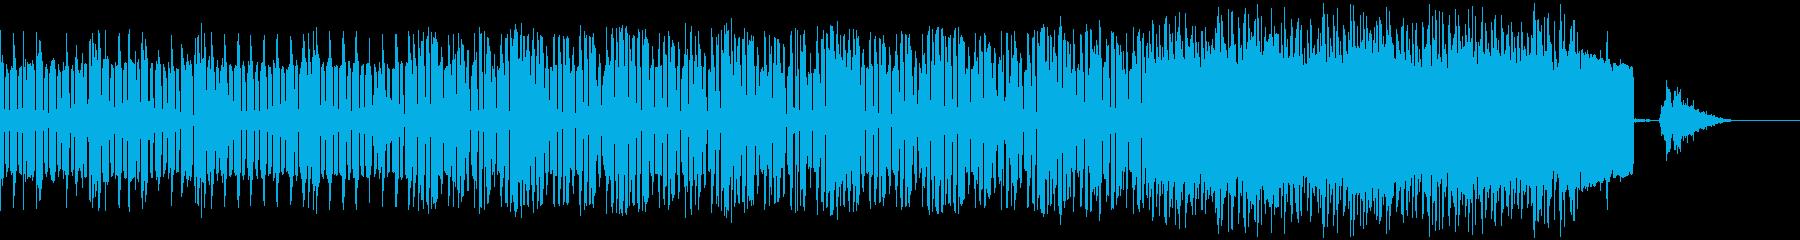 不思議 エレクトロ ジングル クールの再生済みの波形